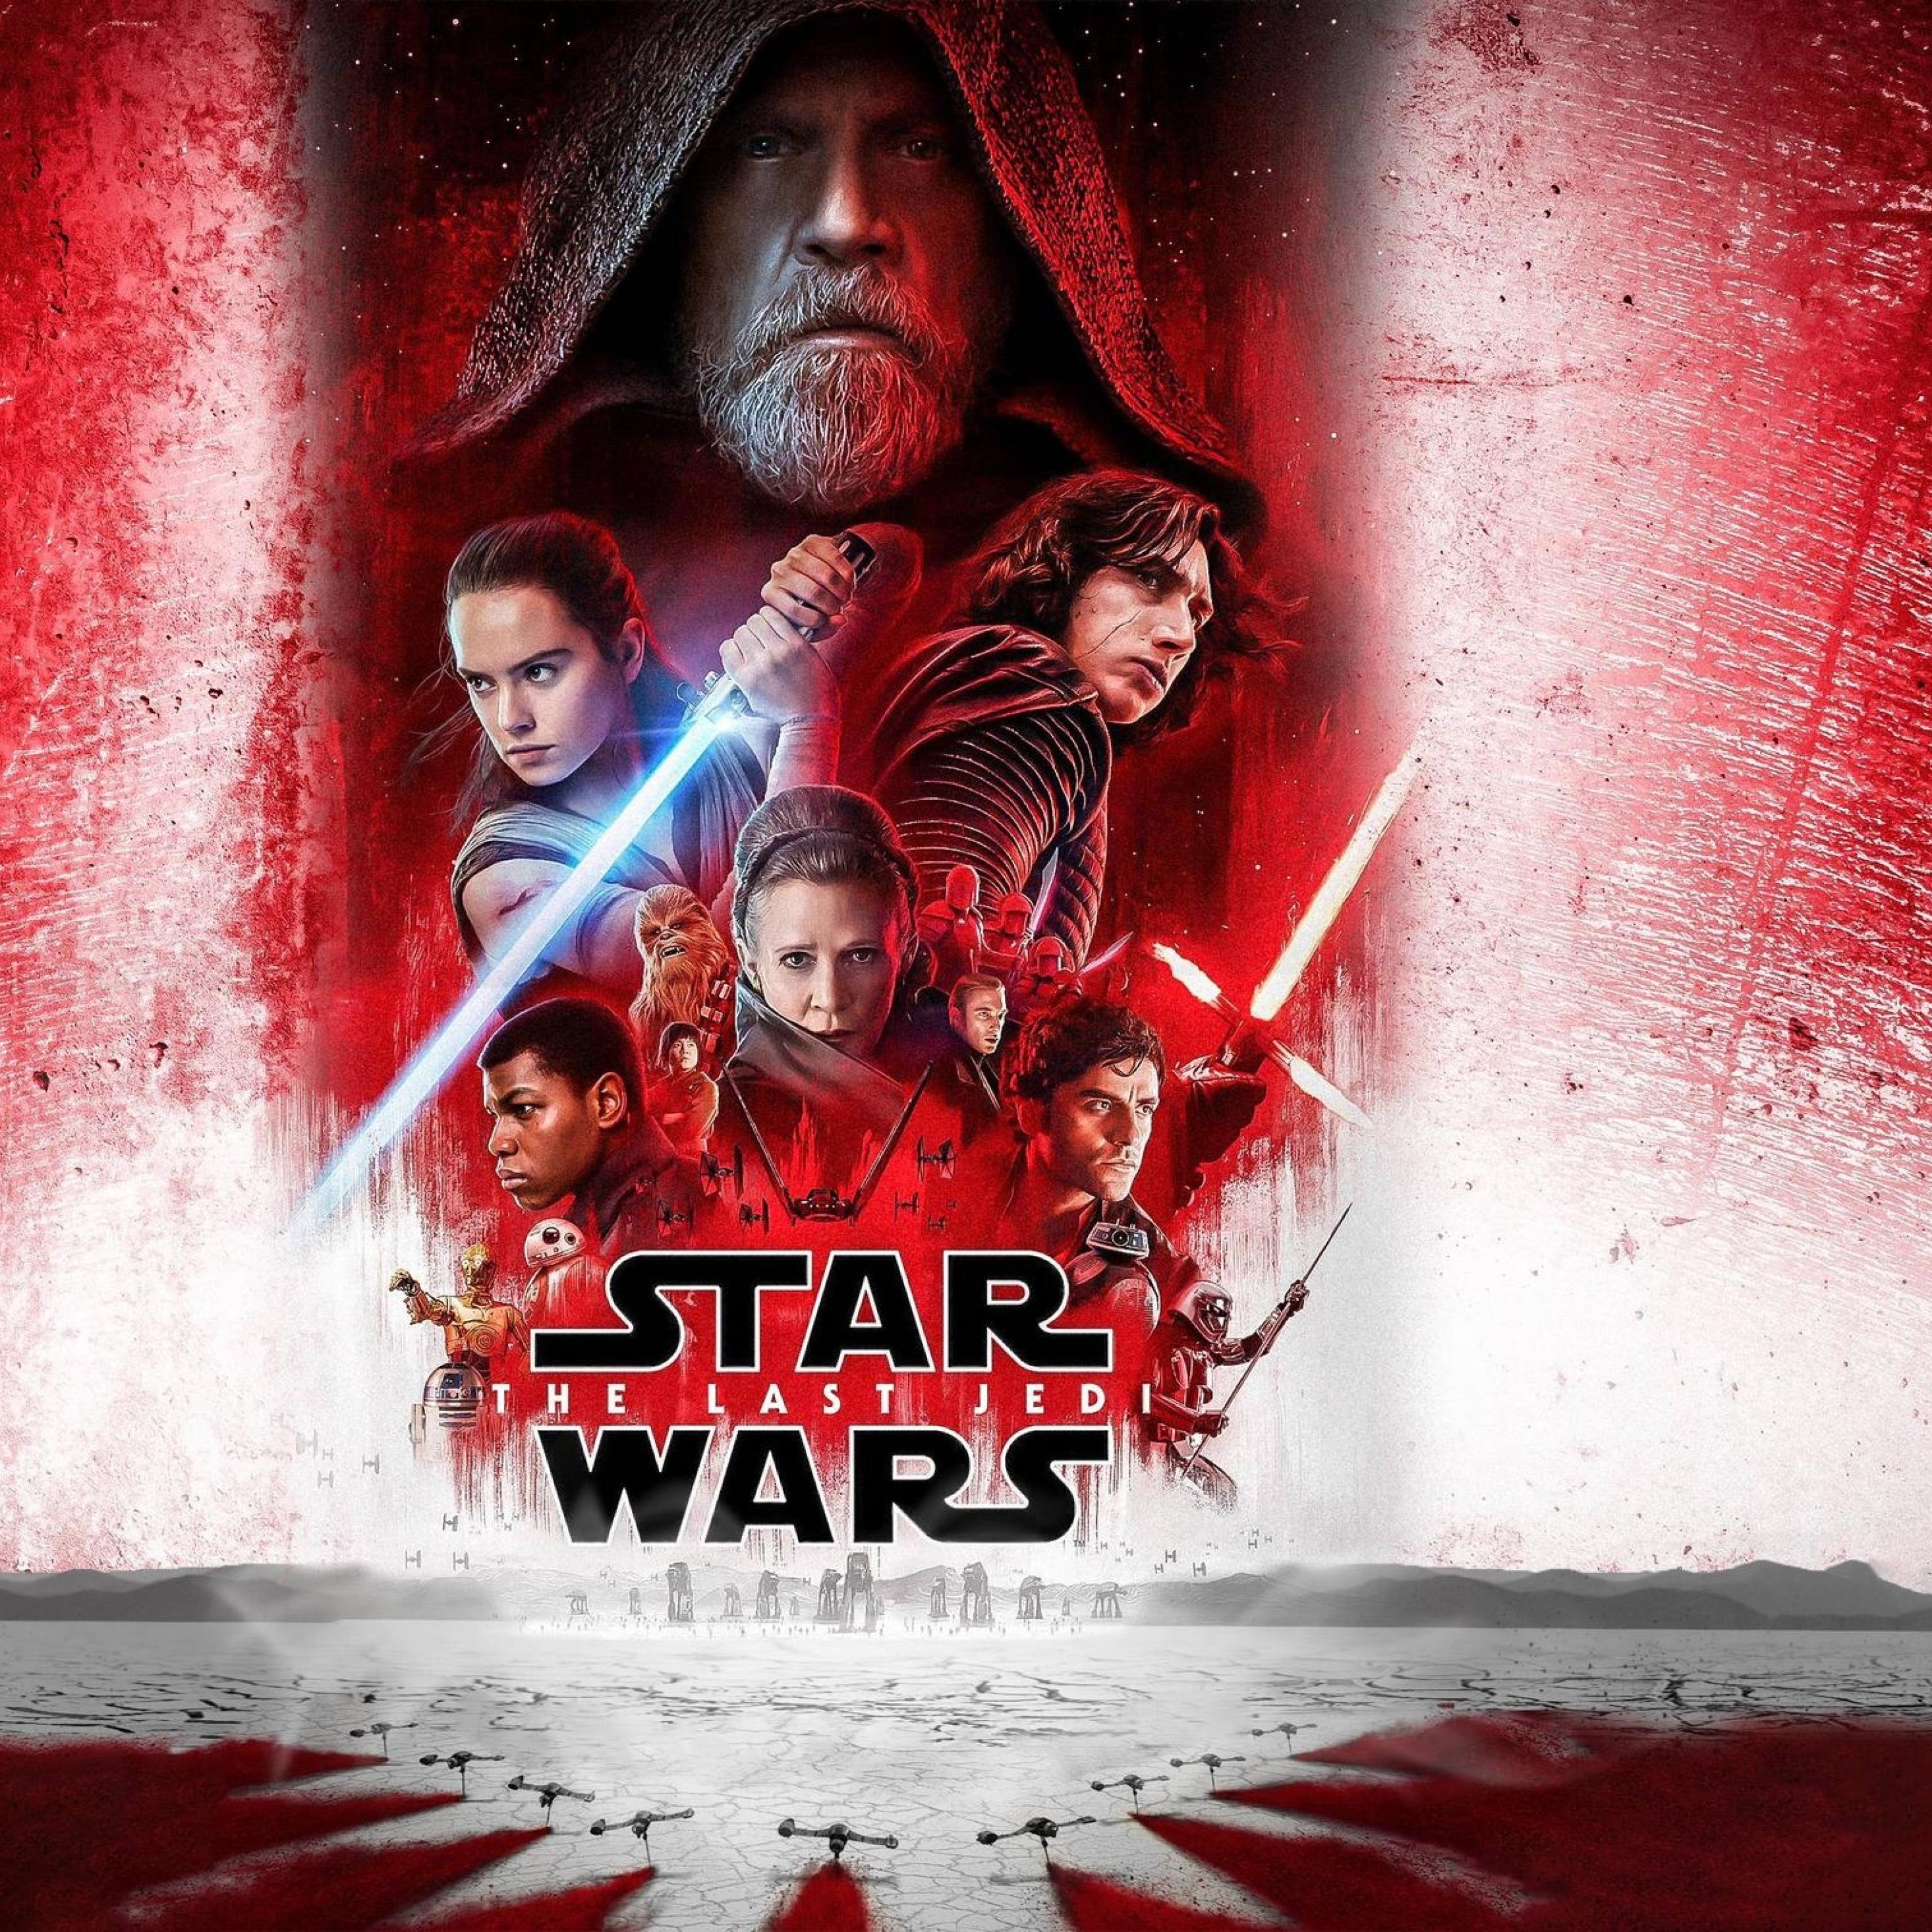 Star Wars 8 The Last Jedi 2932x2932 Download Hd Wallpaper Wallpapertip